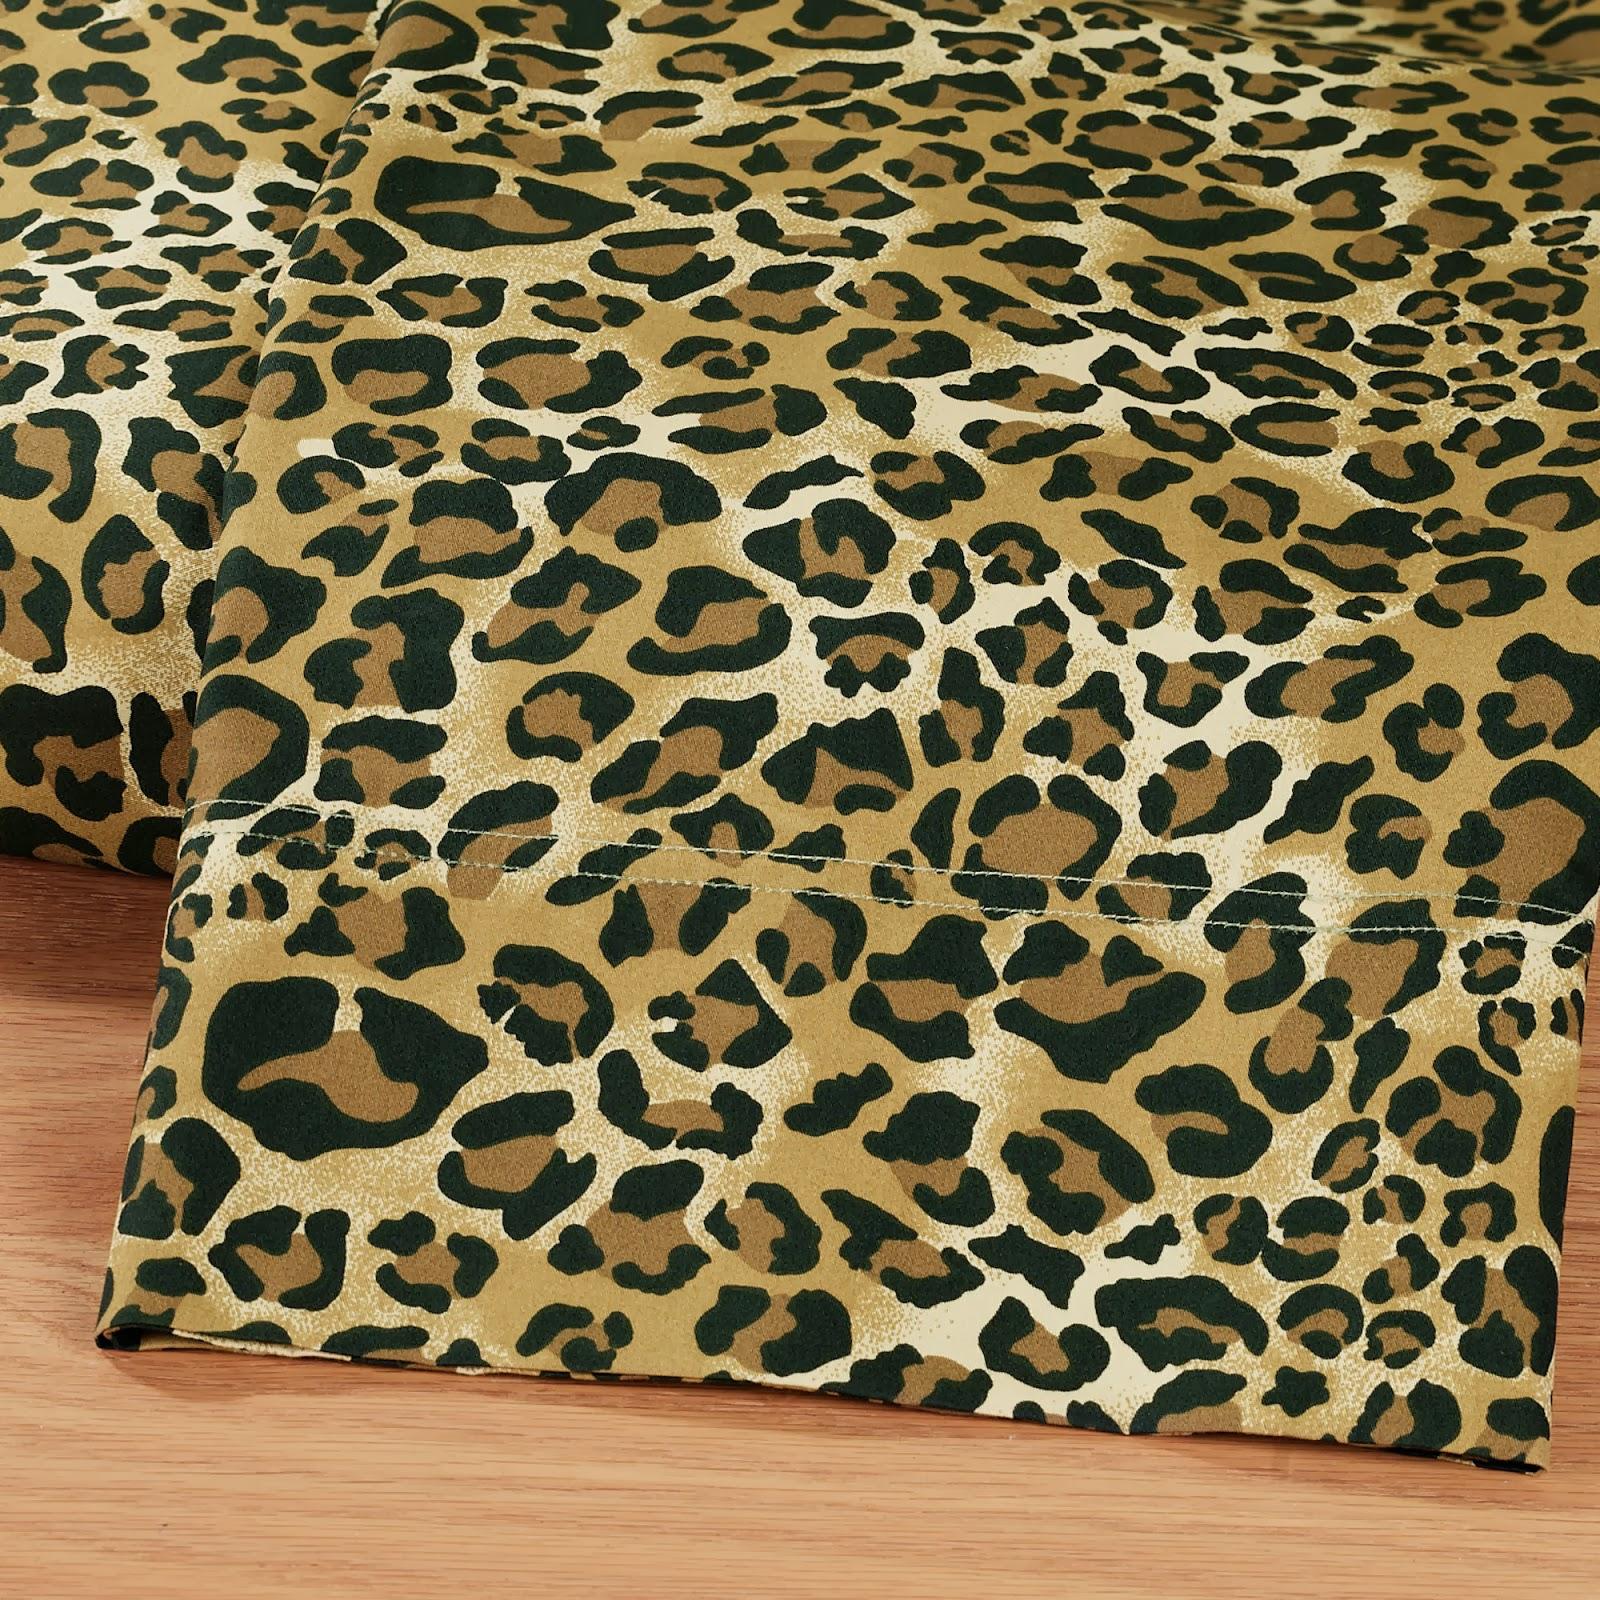 50+] Cheetah Wallpaper for Bedroom on WallpaperSafari